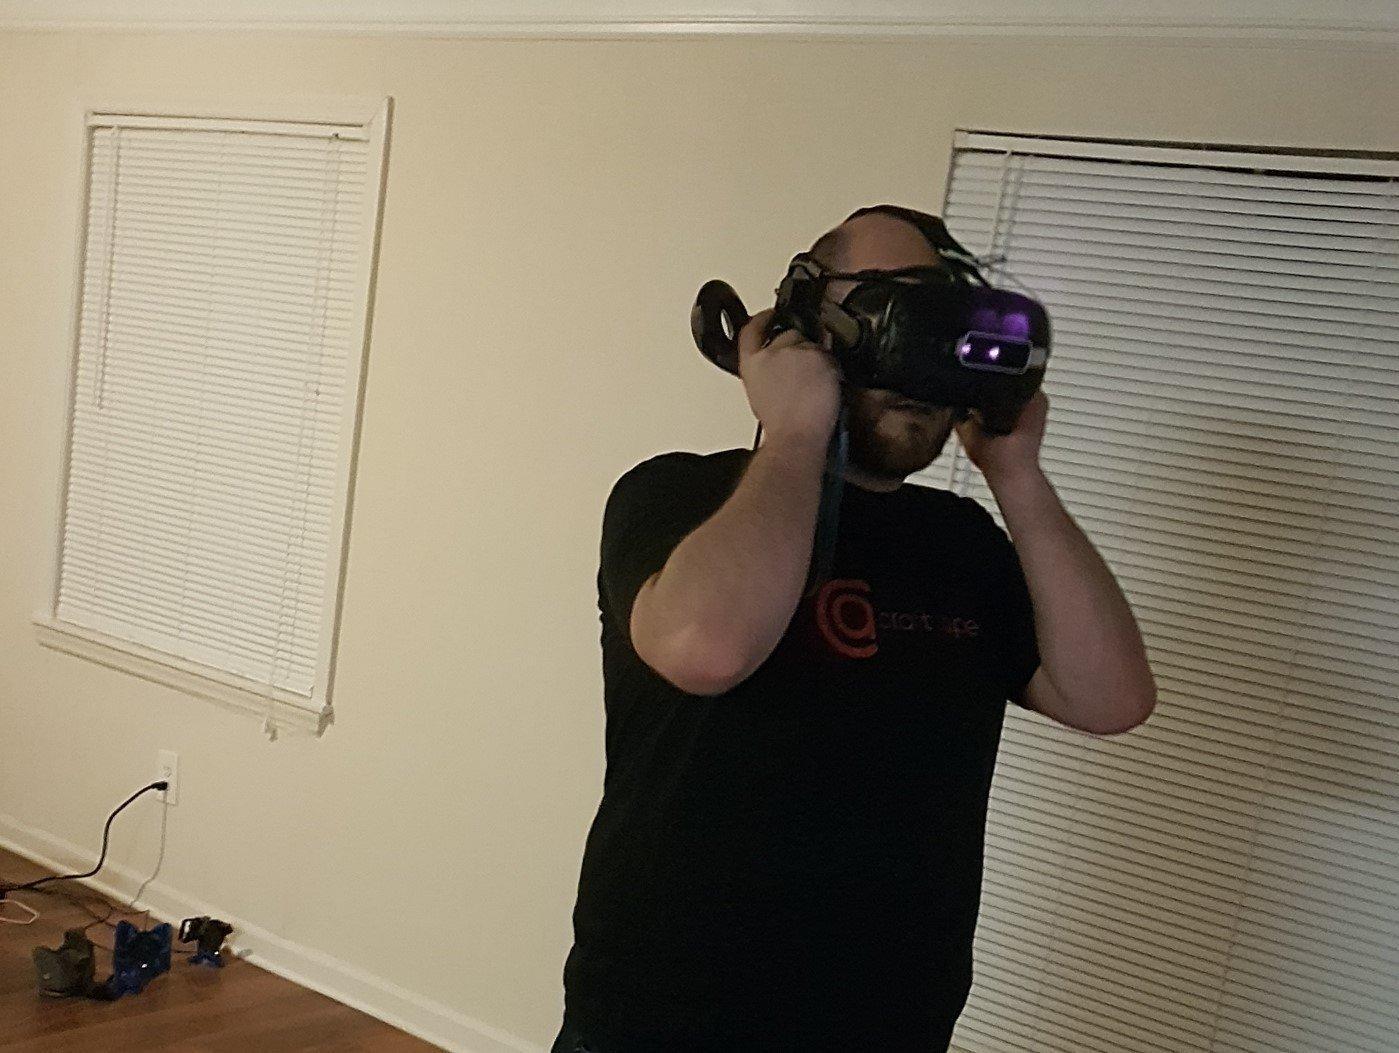 Ein junger Mann mit Vollbart und beginnender Glatze trägt eineine VR-Headset auf dem Kopf. Er steht in einem leeren, kahlen Raum. Die Jalousien vor den Fenstern sind geschlossen.